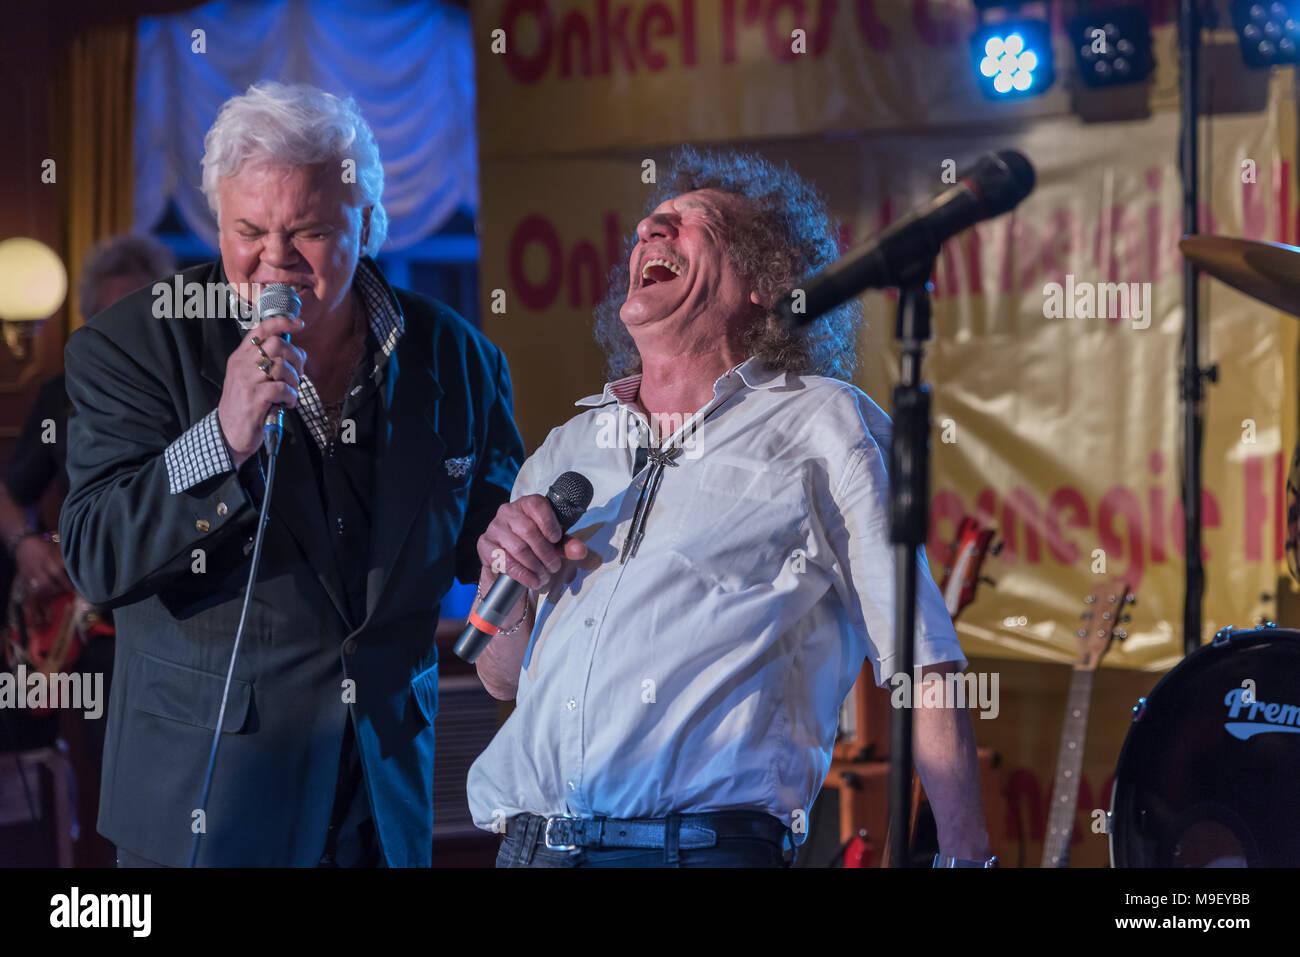 Geff Harrison und Taco Ockerse singen fröhlich in alter Freundschaft auf der Bühne der Louisiana Star bei der Kultnight dder Hamburger Szene - Stock Image